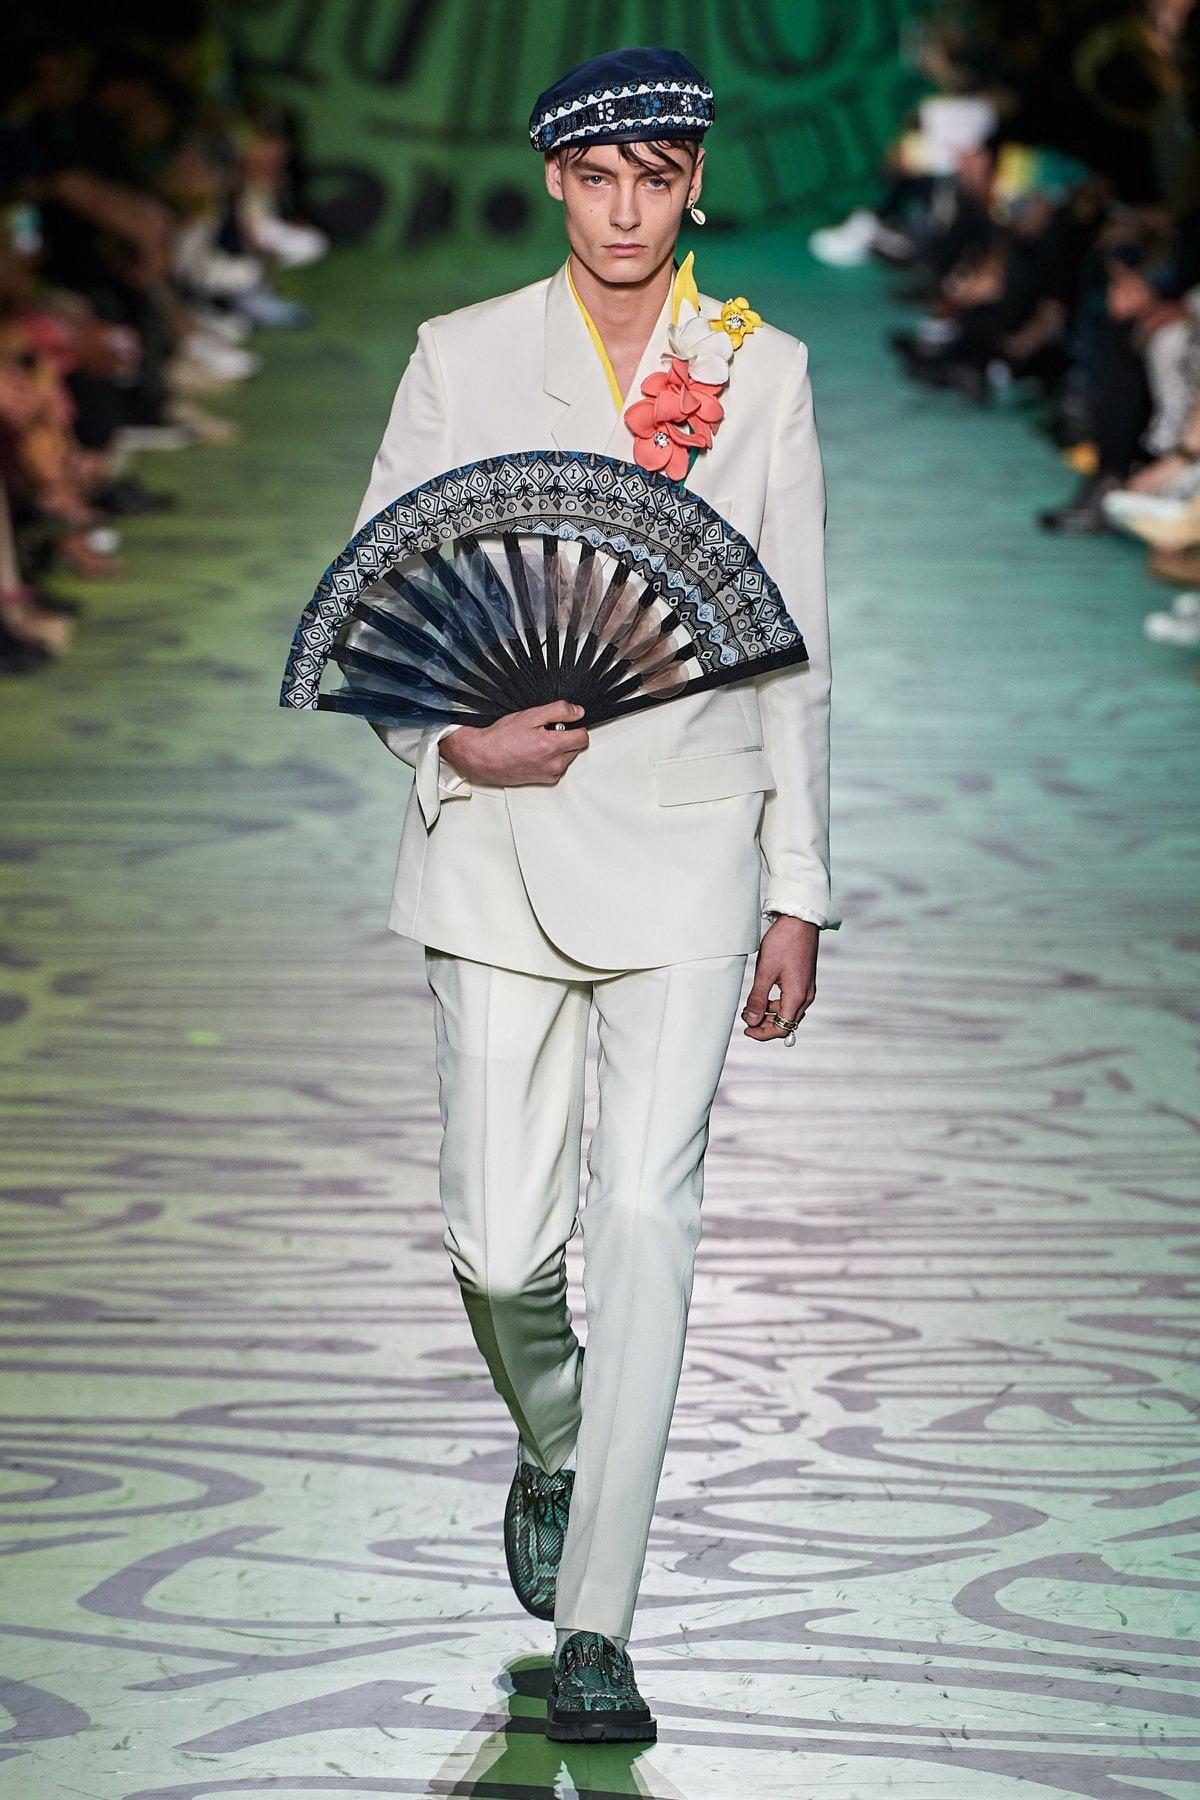 Dior muốn đánh gục cả thế giới với dòng thời trang nam đầy nhục cảm 18